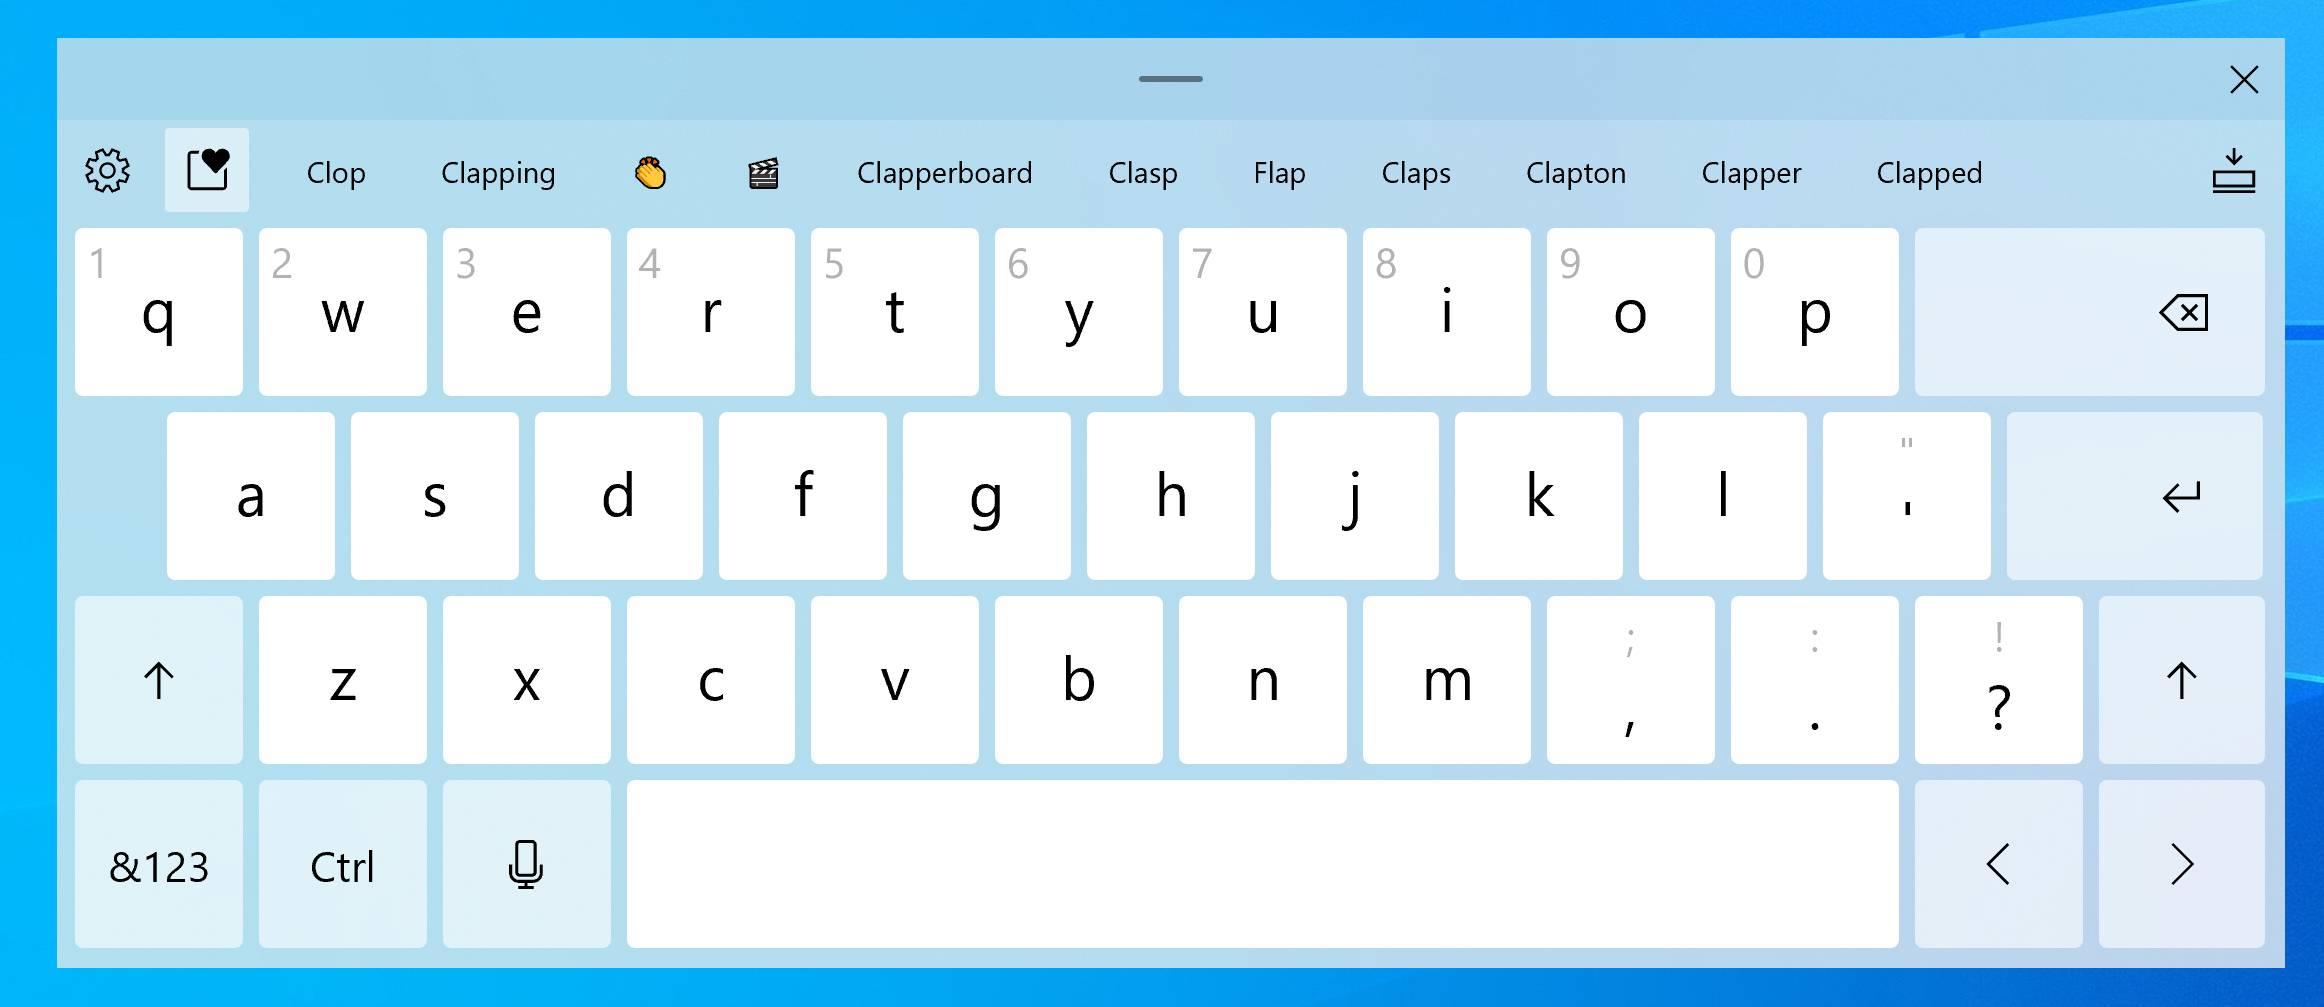 Nuevo teclado táctil de la Build 20206 de Windows 10 Insider en el canal Dev